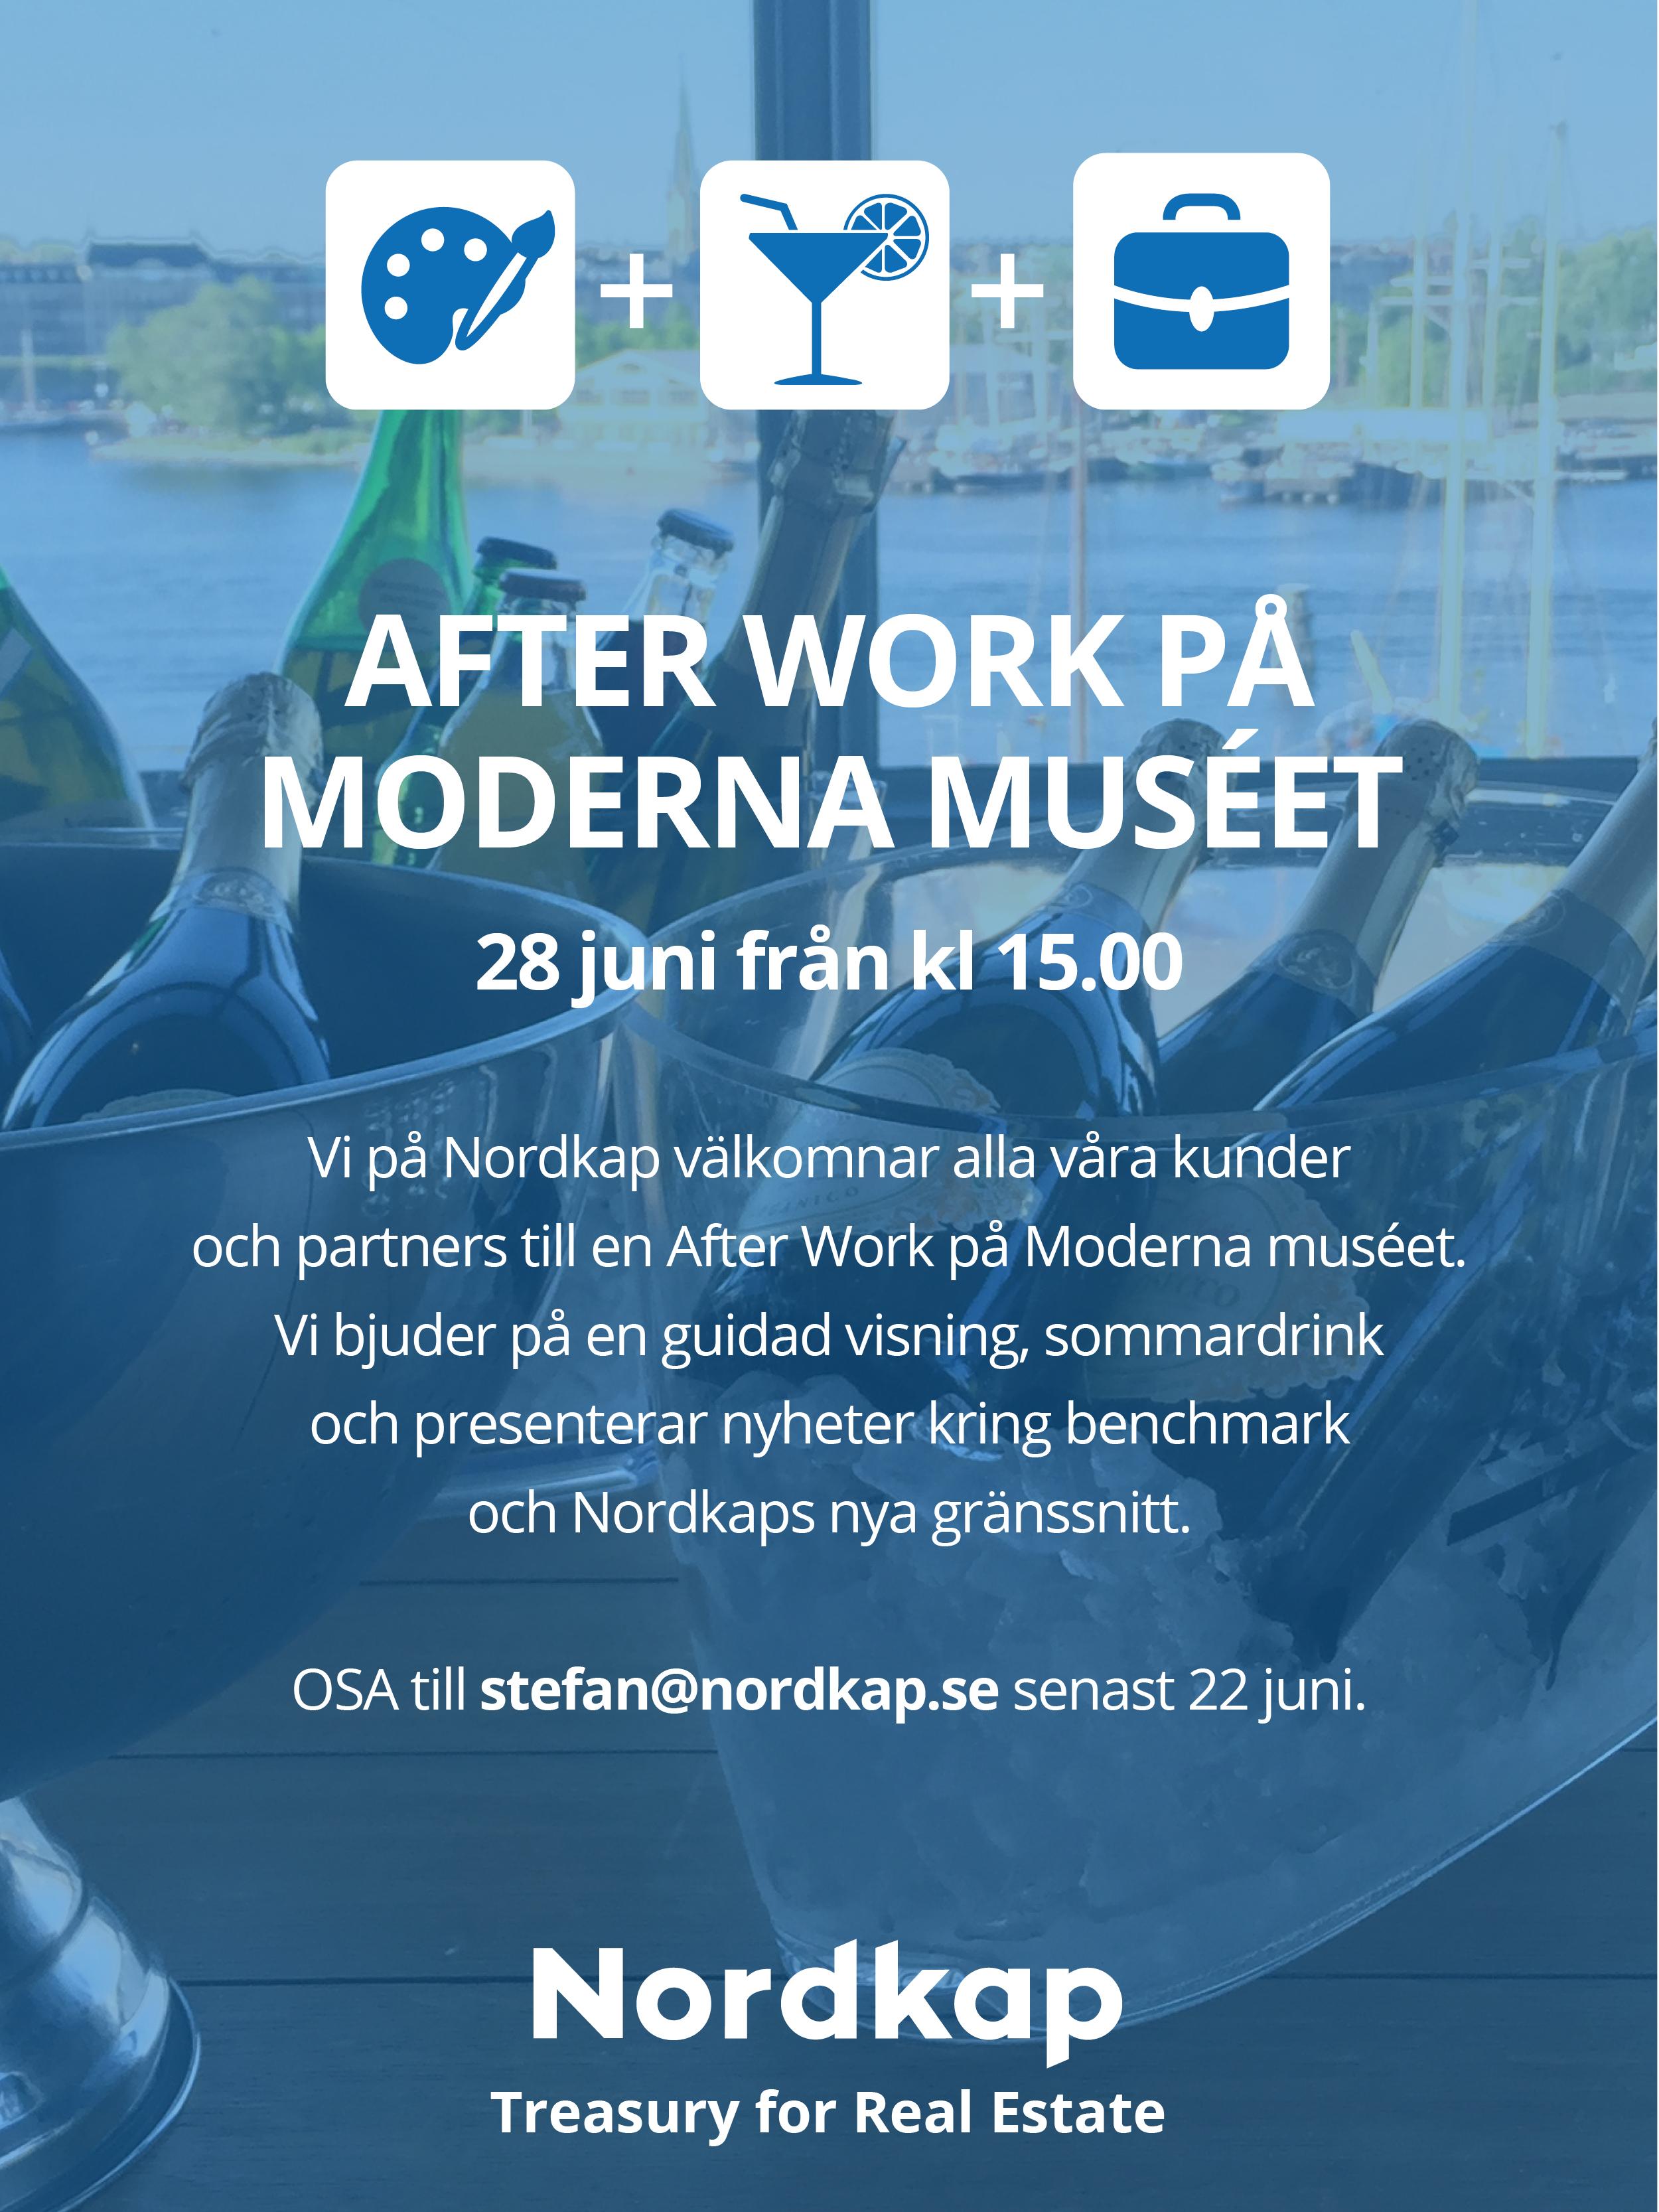 Nordkapevent på Moderna Museet